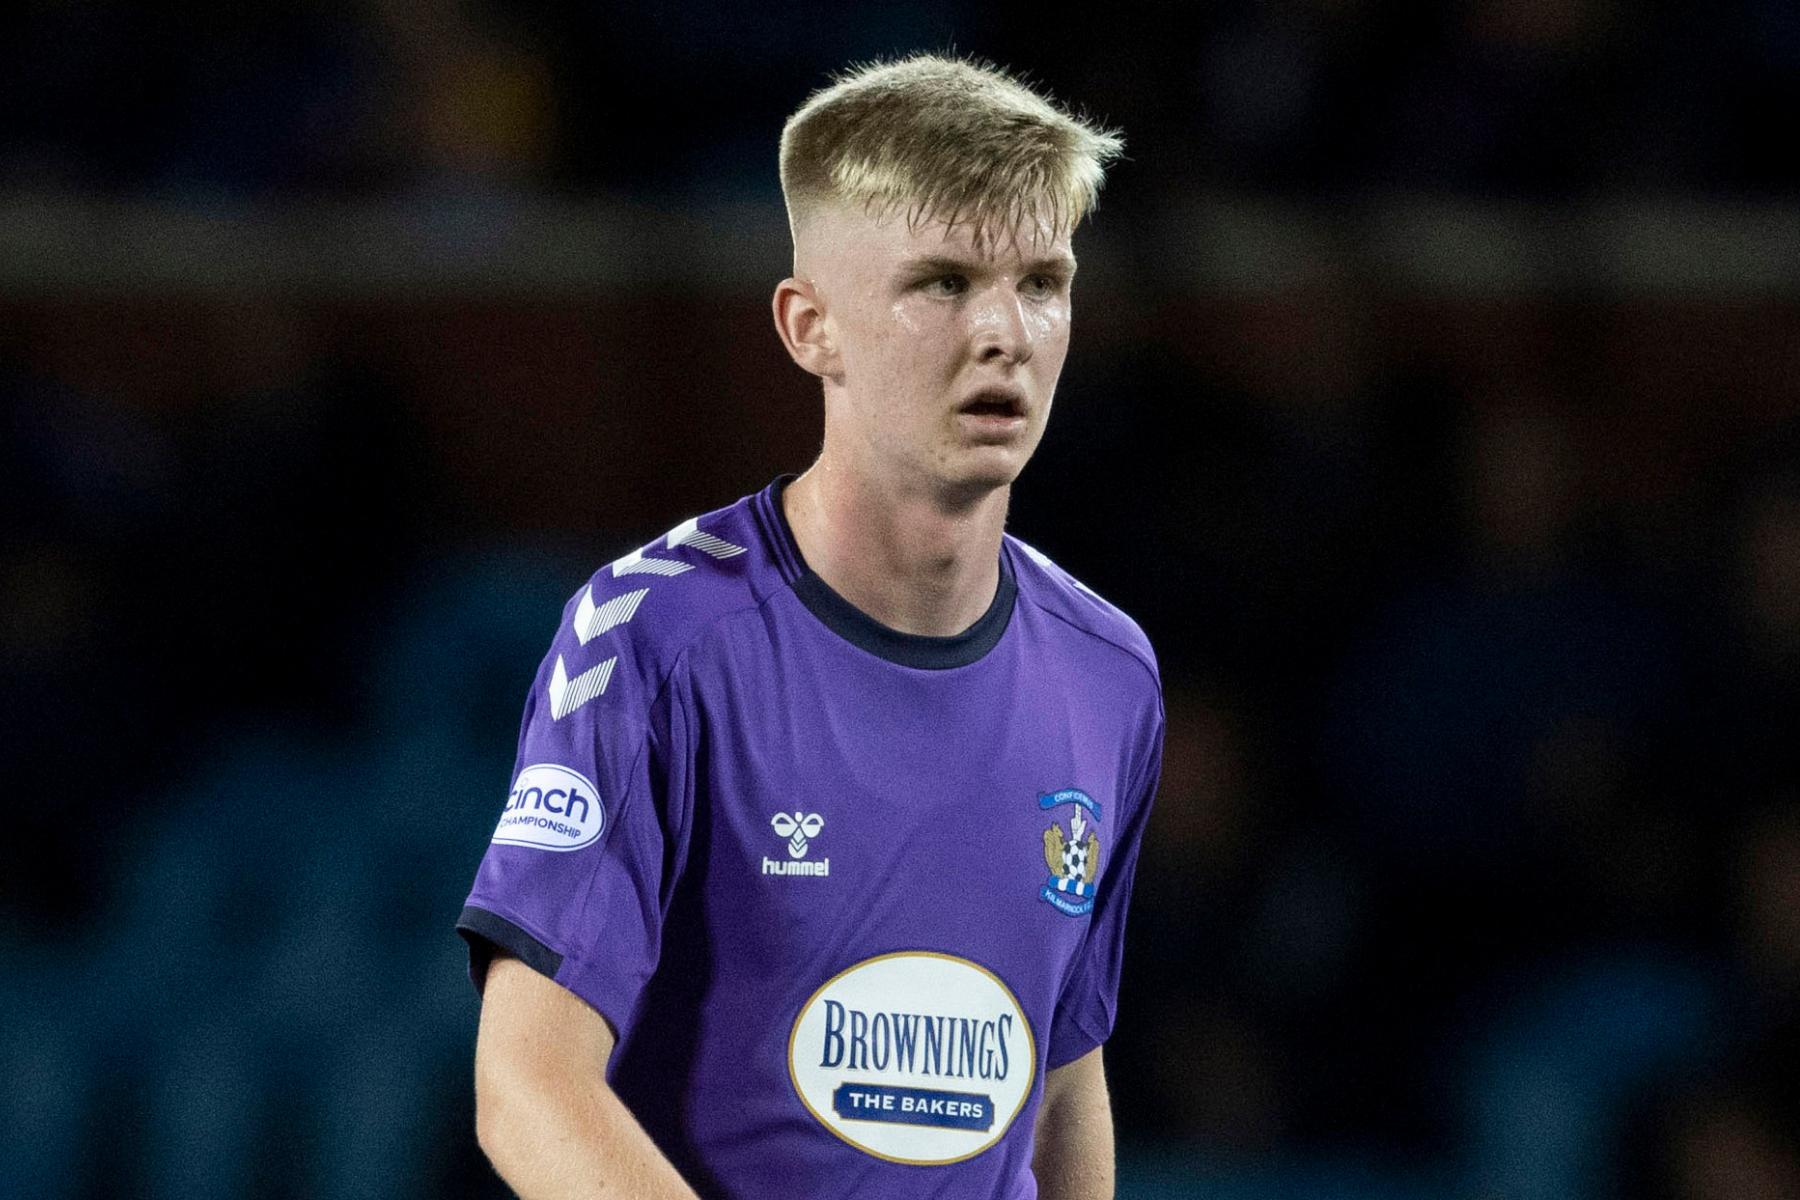 El as del Kilmarnock, Euan Murray, respalda al joven Charlie McArthur para más fútbol del primer equipo